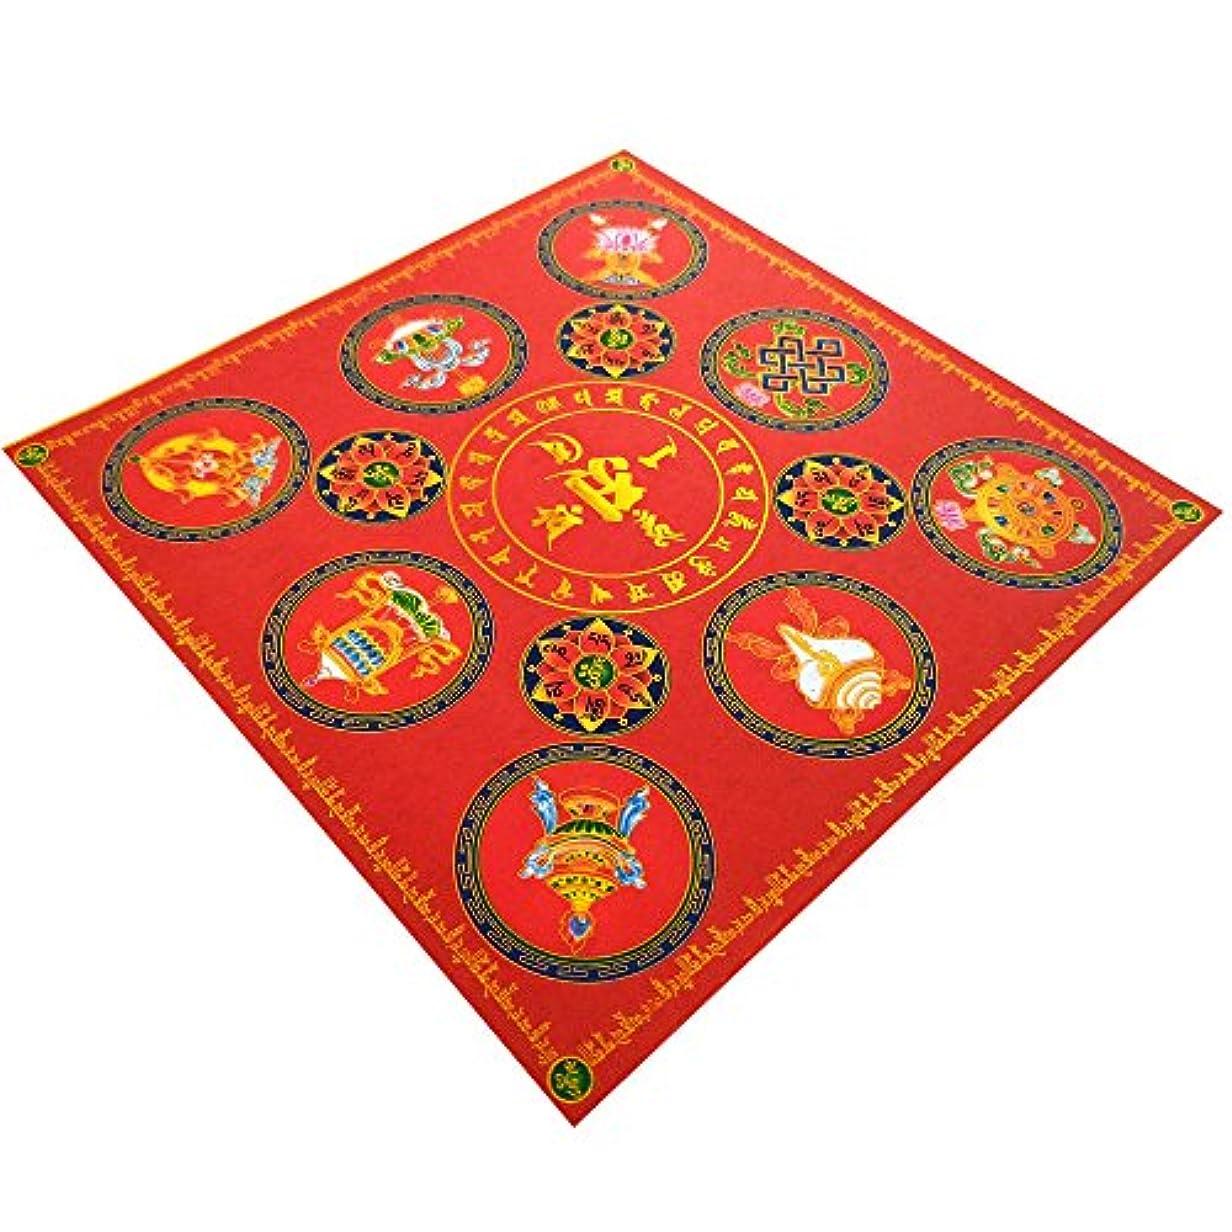 救援本物の有益なzeestar祖先Incense用紙/ゴーストお金の祖先Praying 7.6インチx 7.6インチ、40個 – 吉祥(Lotus